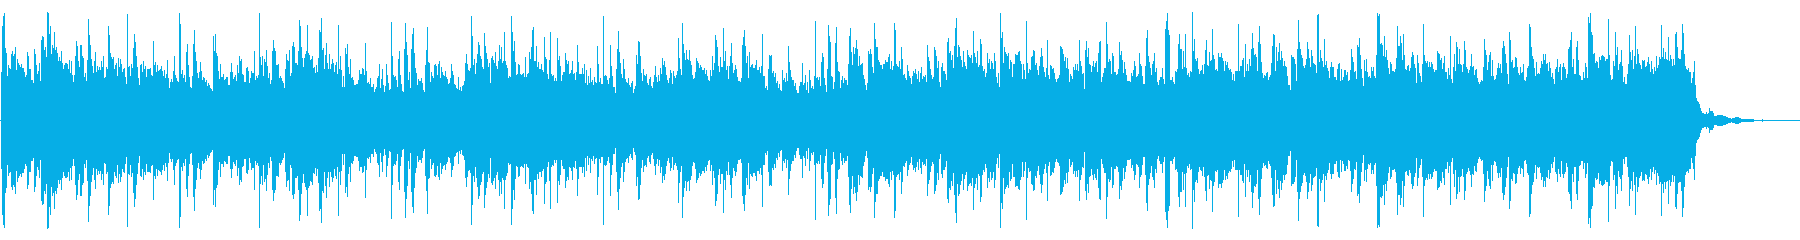 幻想的/夢/リラックス_No608_4の再生済みの波形